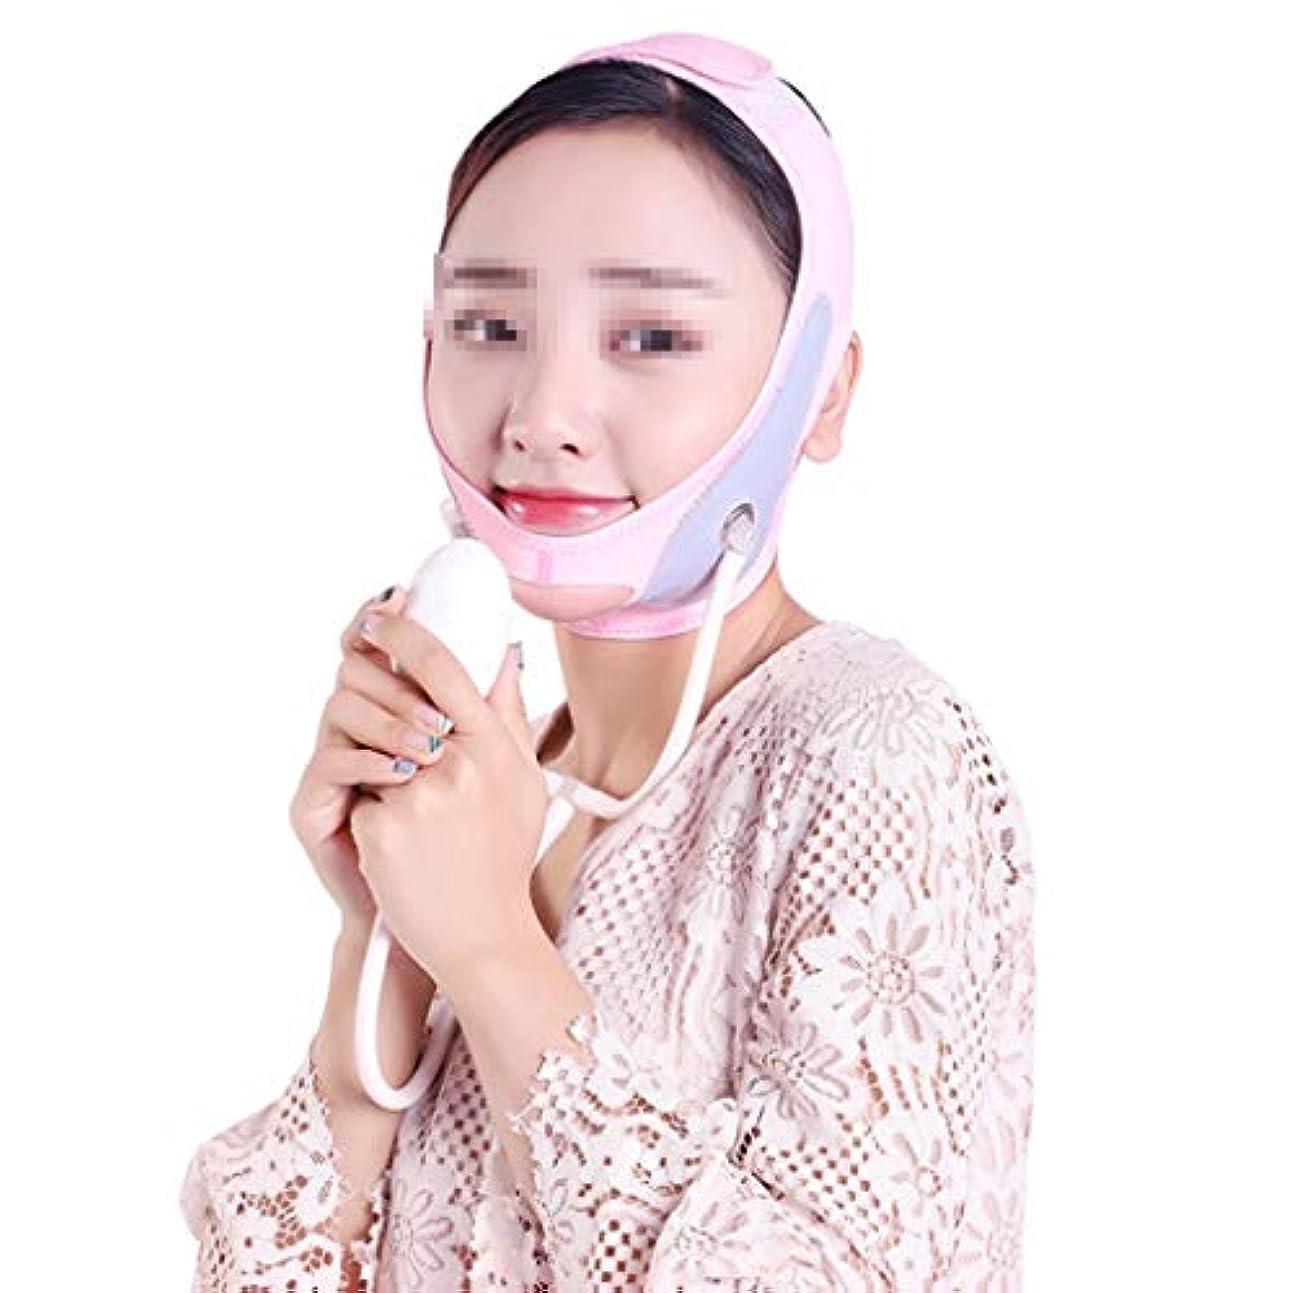 流出再生可能未知のインフレータブルフェイスリフティングマスク、小さなVフェイスステッカーリフトプル形状の筋肉引き締め肌二重あご包帯